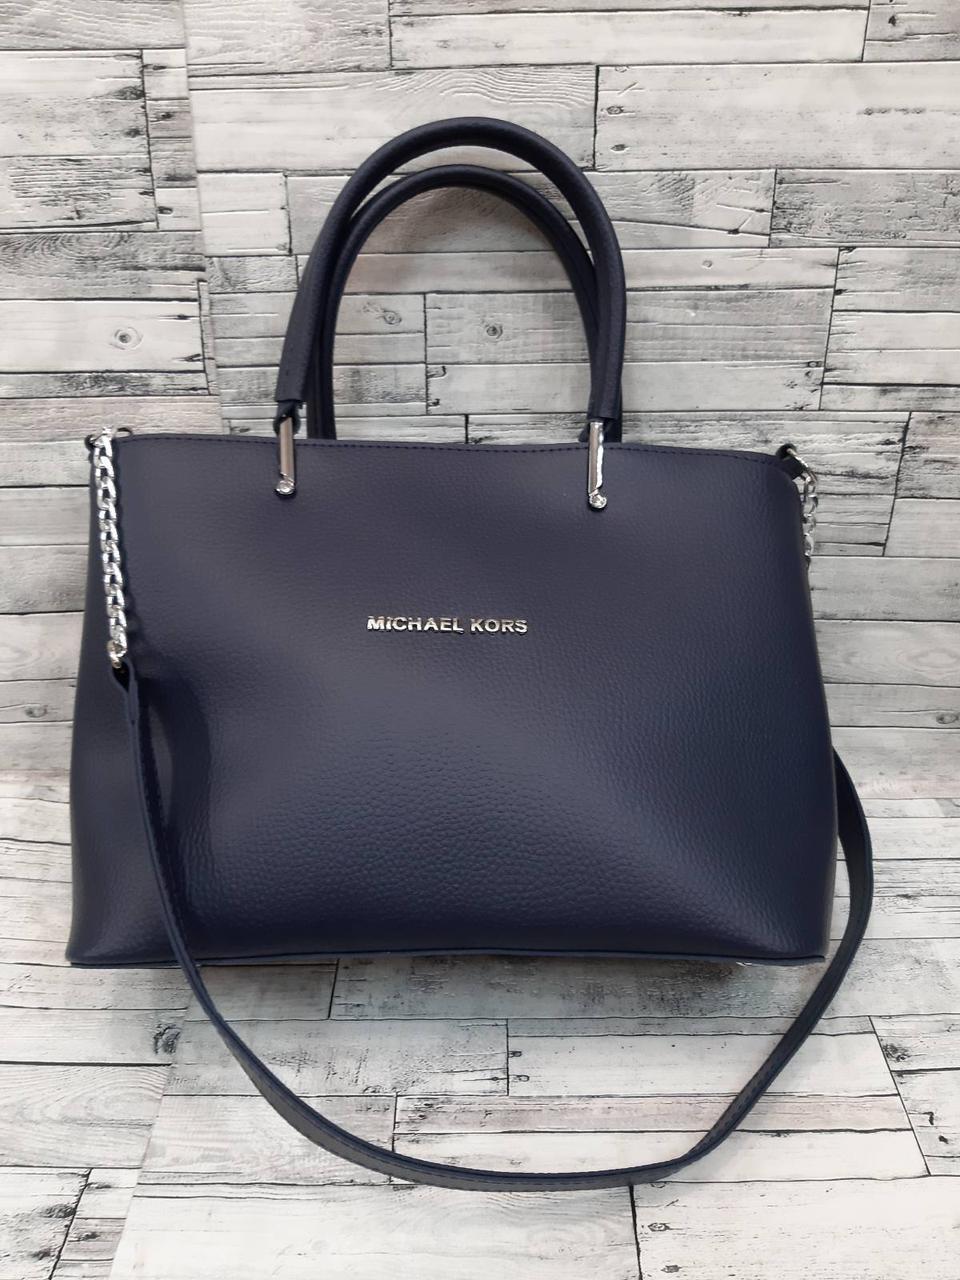 Стильная Женская сумка из кожзама Michael Kors . Синий